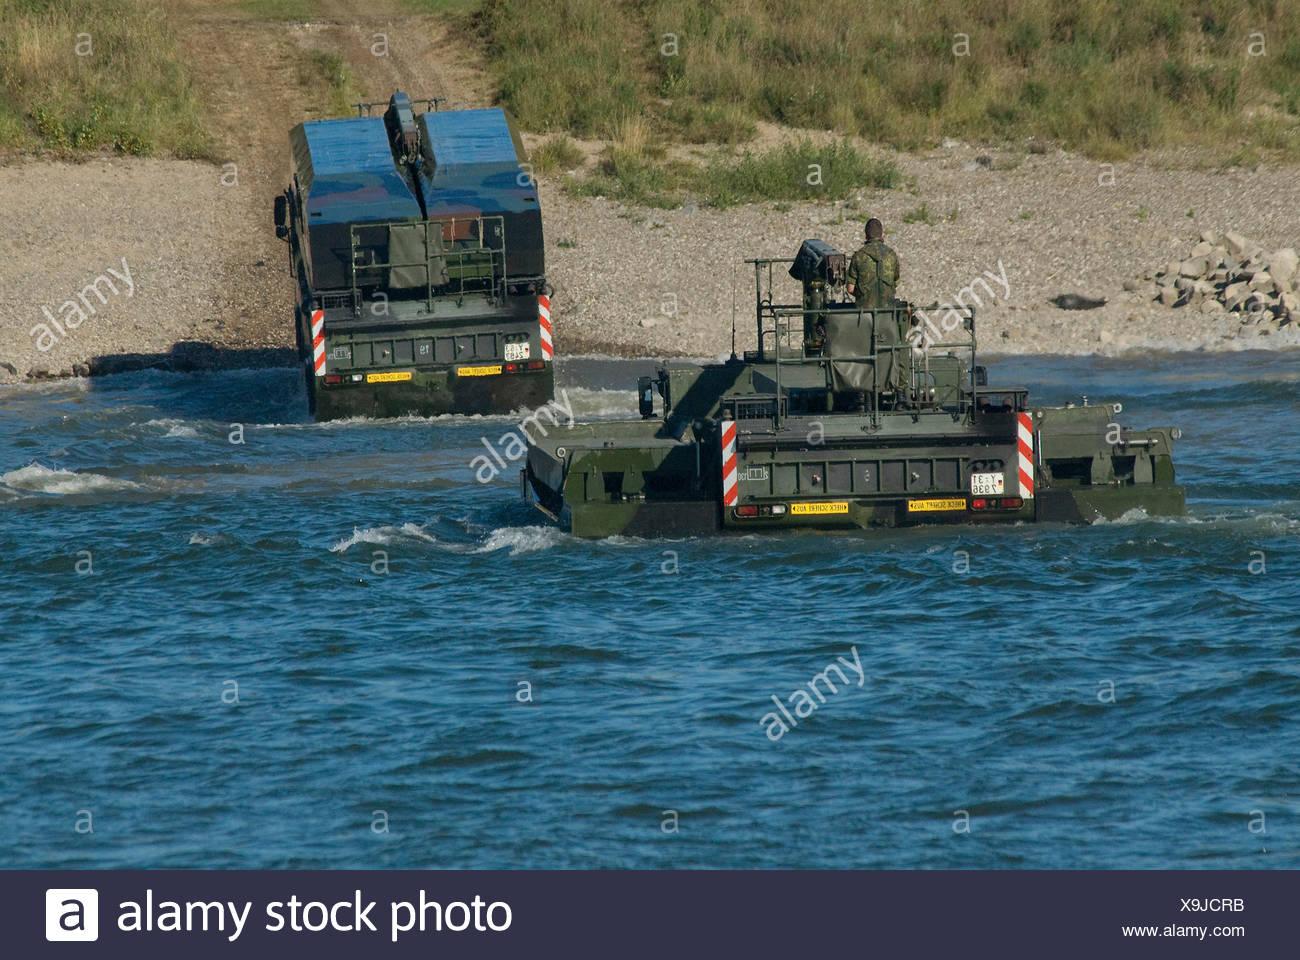 Deux M3 véhicules amphibie de la Bundeswehr, l'armée fédérale, l'émergence du Rhin, l'une avec les ailes pliées Photo Stock